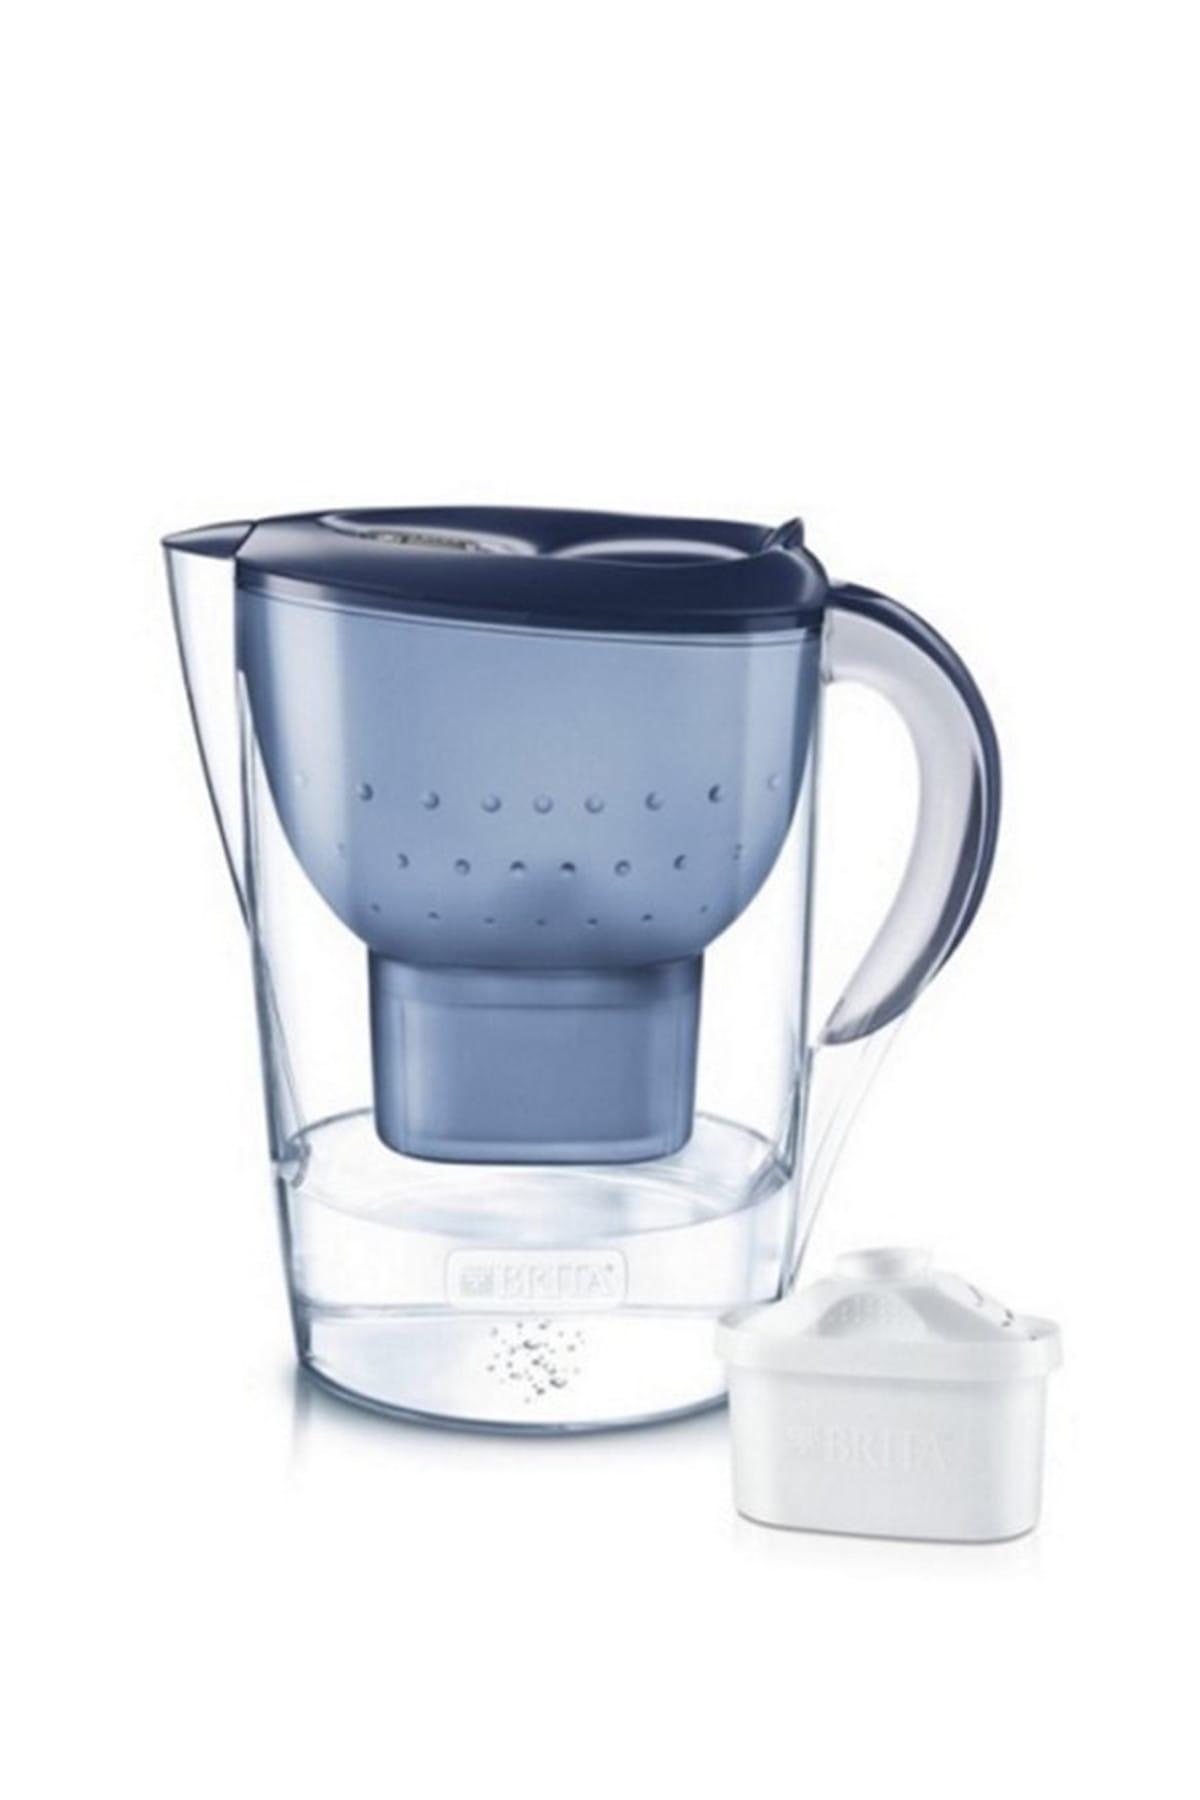 BRITA Marella XL Filtreli Su Arıtmalı Sürahi-Mavi 1